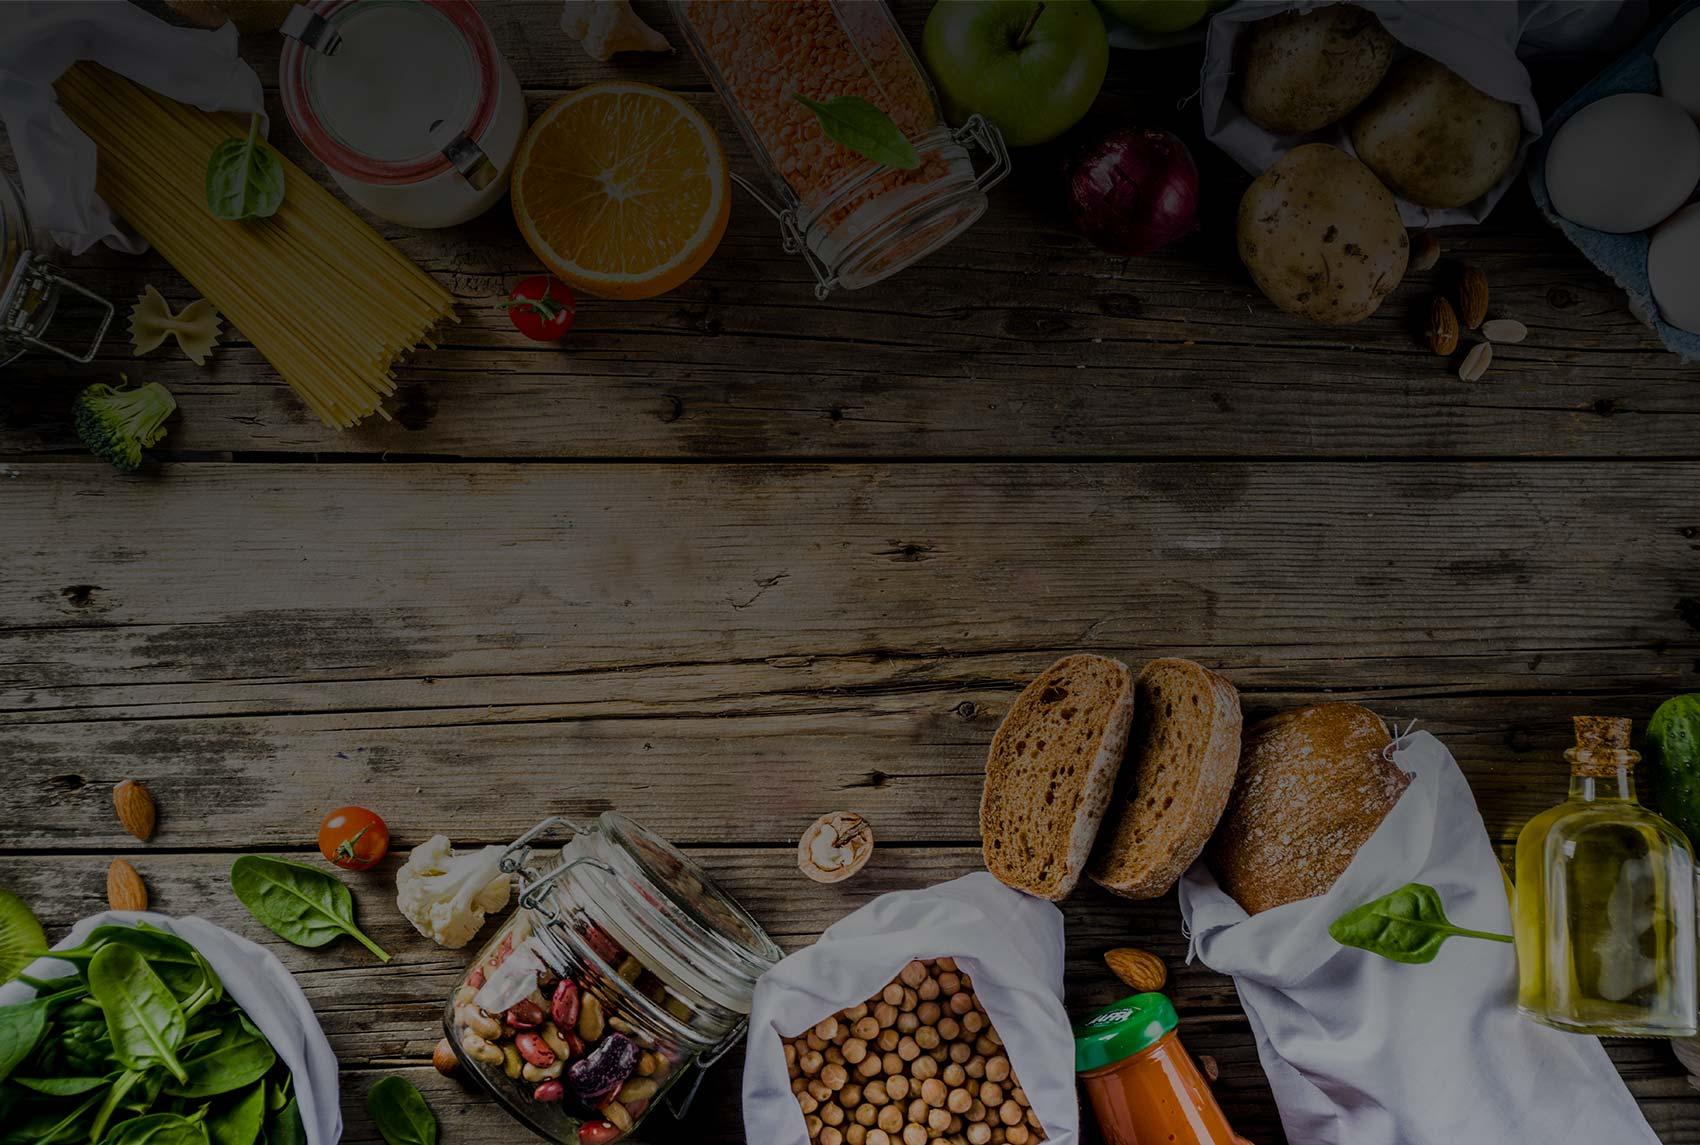 Izmjene Zakona o zabrani nepoštene trgovačke prakse u lancu opskrbe hranom